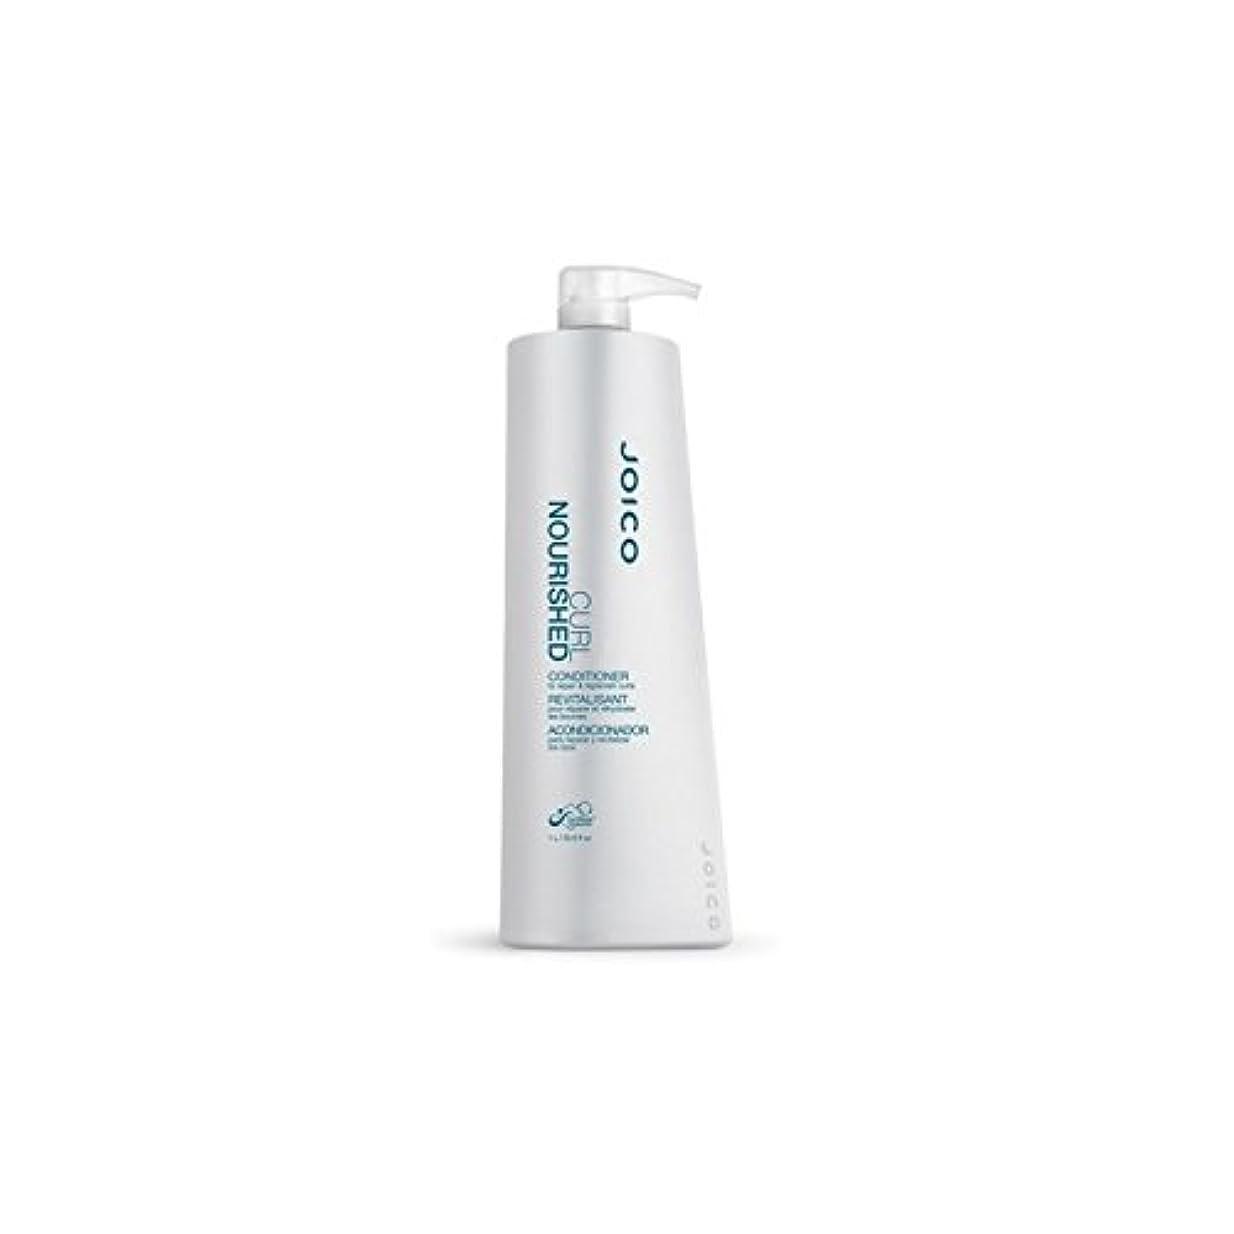 日常的に裏切り中級Joico Curl Nourished Conditioner To Repair And Nourish Curls (1000ml) (Pack of 6) - カール(千ミリリットル)を修復し、栄養を与えるためにジョイコカール栄養コンディショナー x6 [並行輸入品]